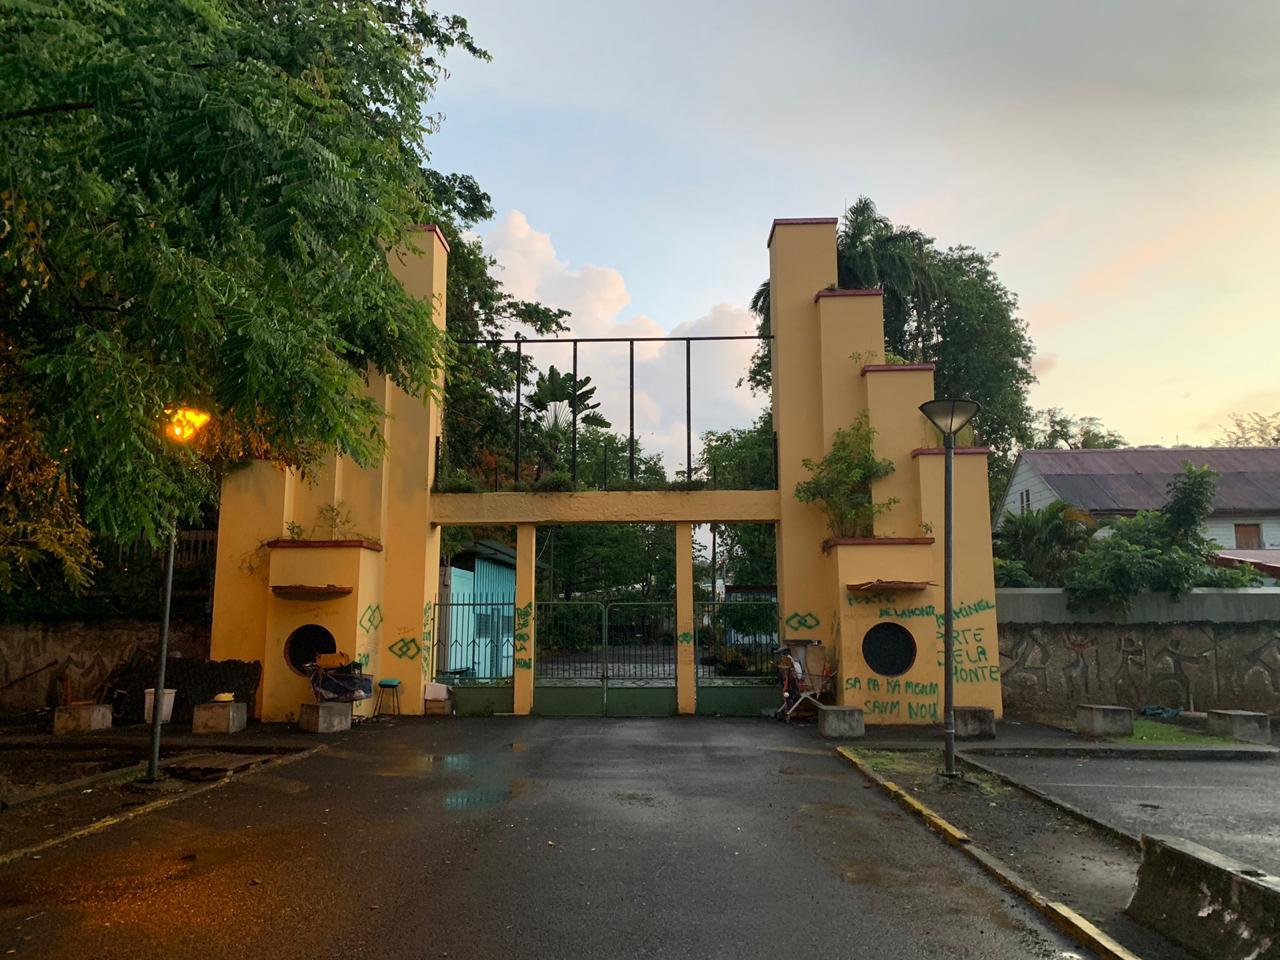 Les activistes donnent un ultimatum au maire de Fort-de-France pour le démontage de la porte du tricentenaire